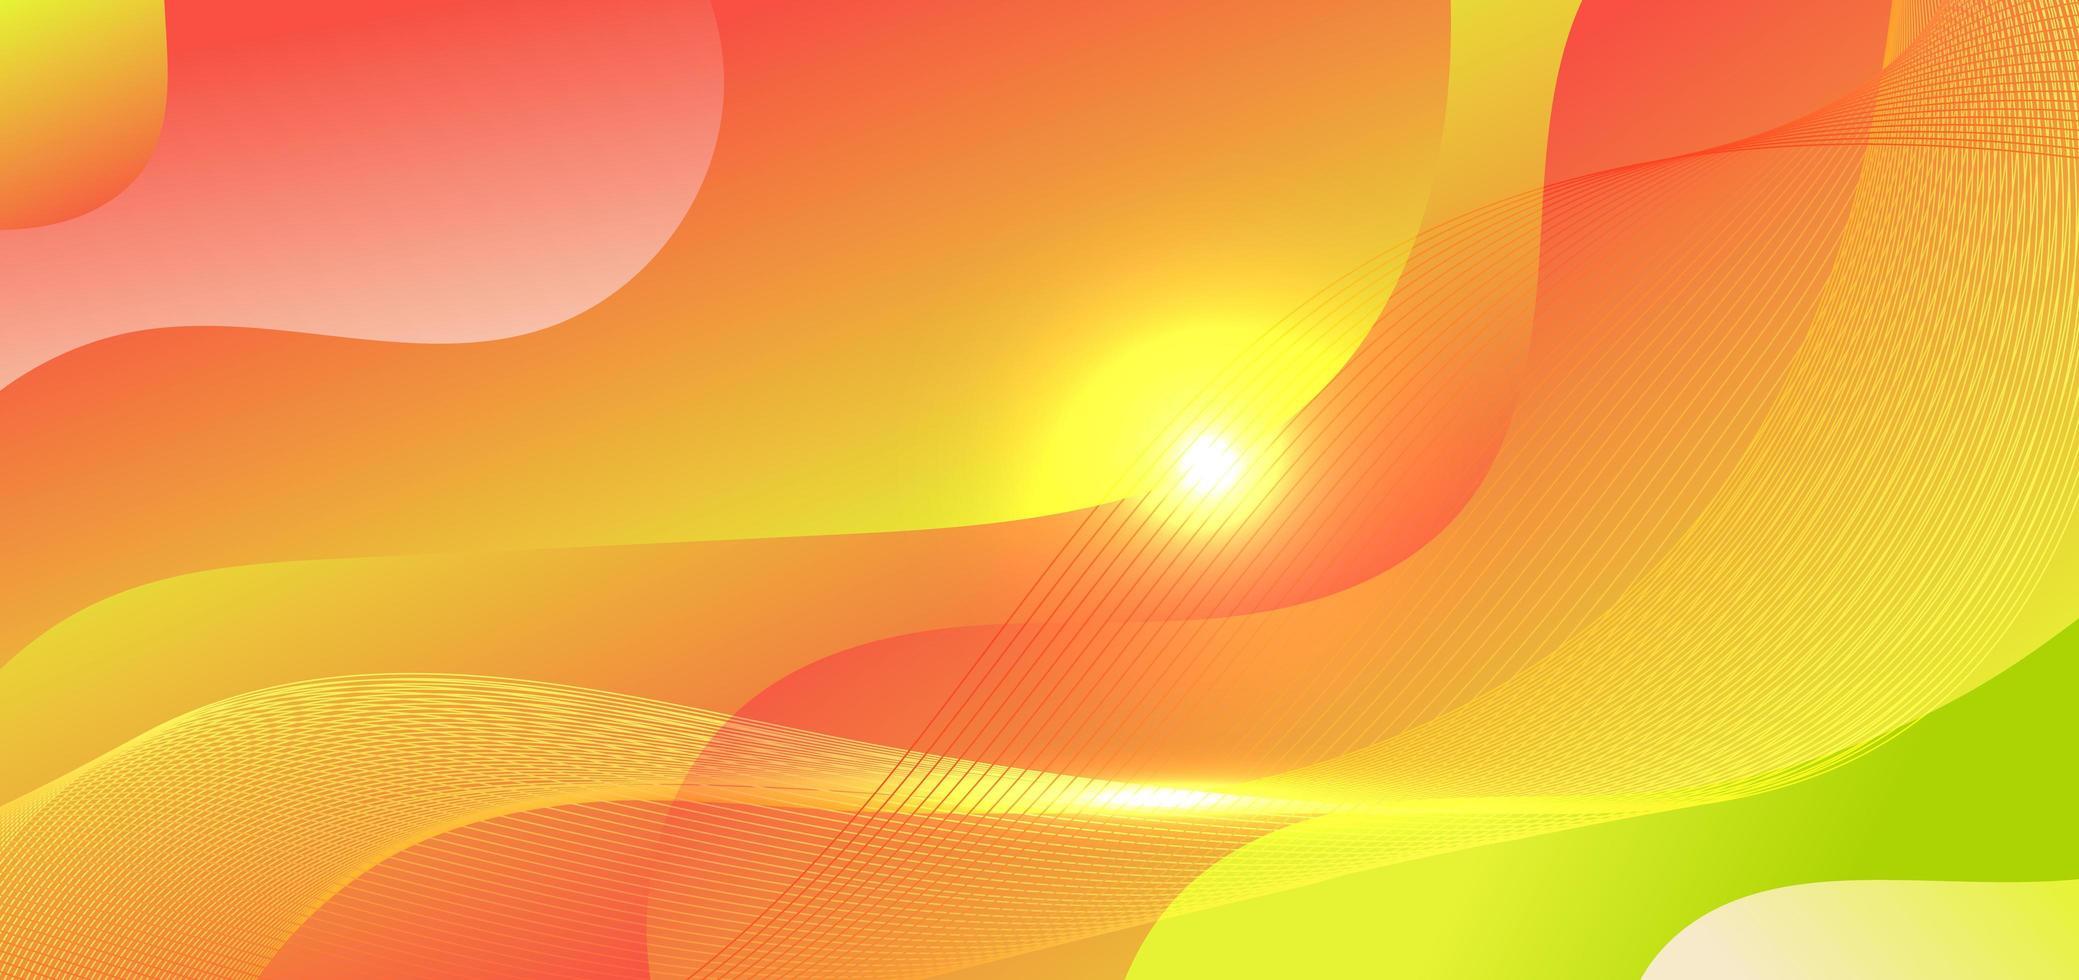 abstrakt bakgrund grön och röd lutningsvågform med ljusstrålar vektor